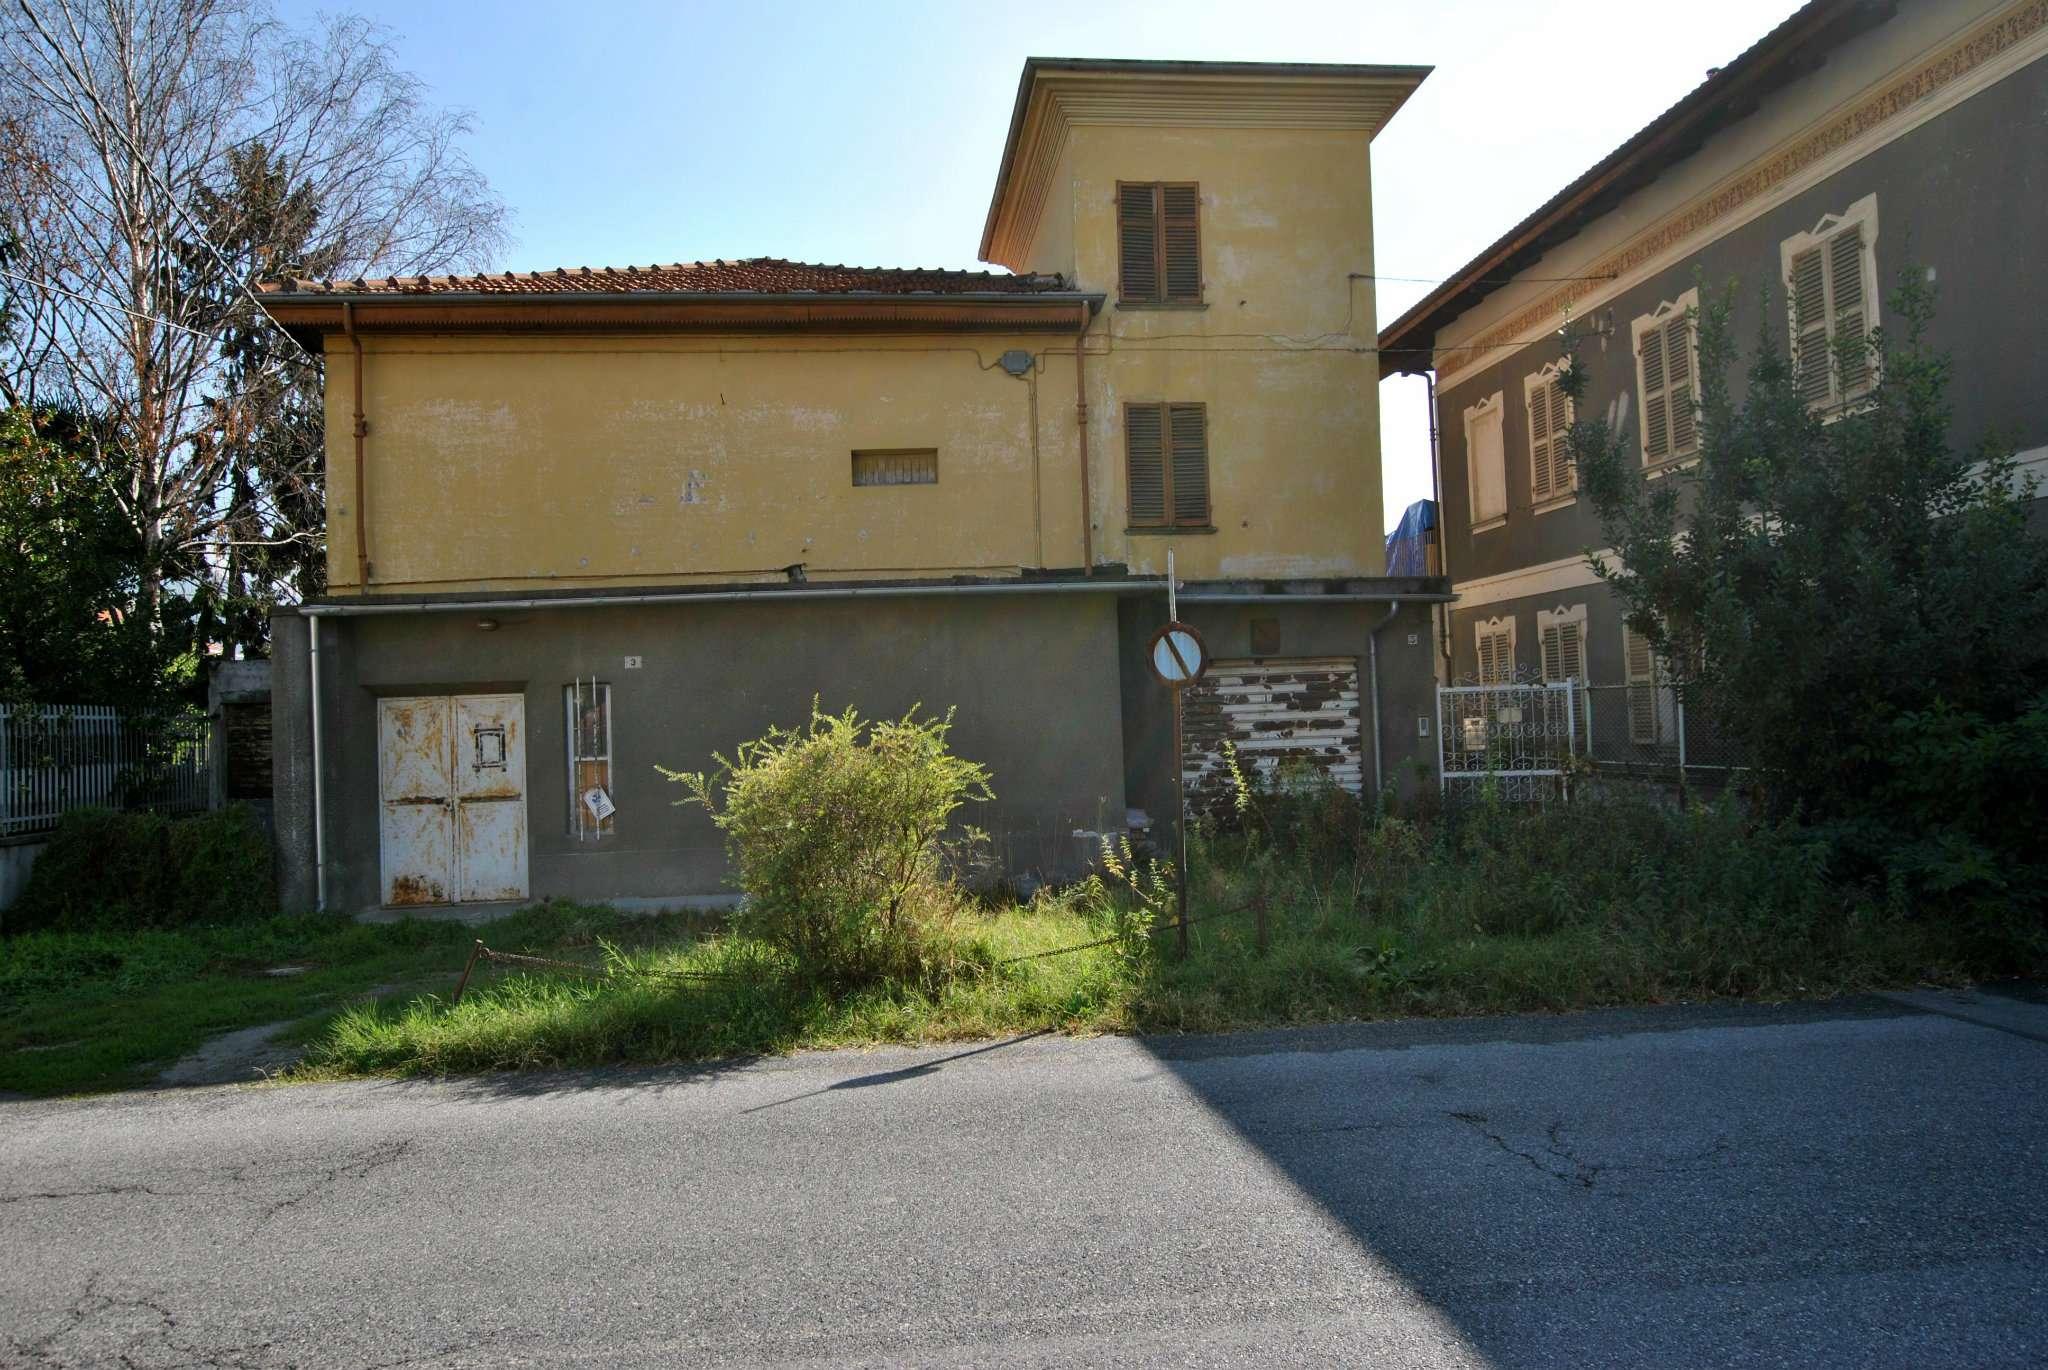 Soluzione Indipendente in vendita a Sant'Antonino di Susa, 10 locali, prezzo € 99.000 | CambioCasa.it